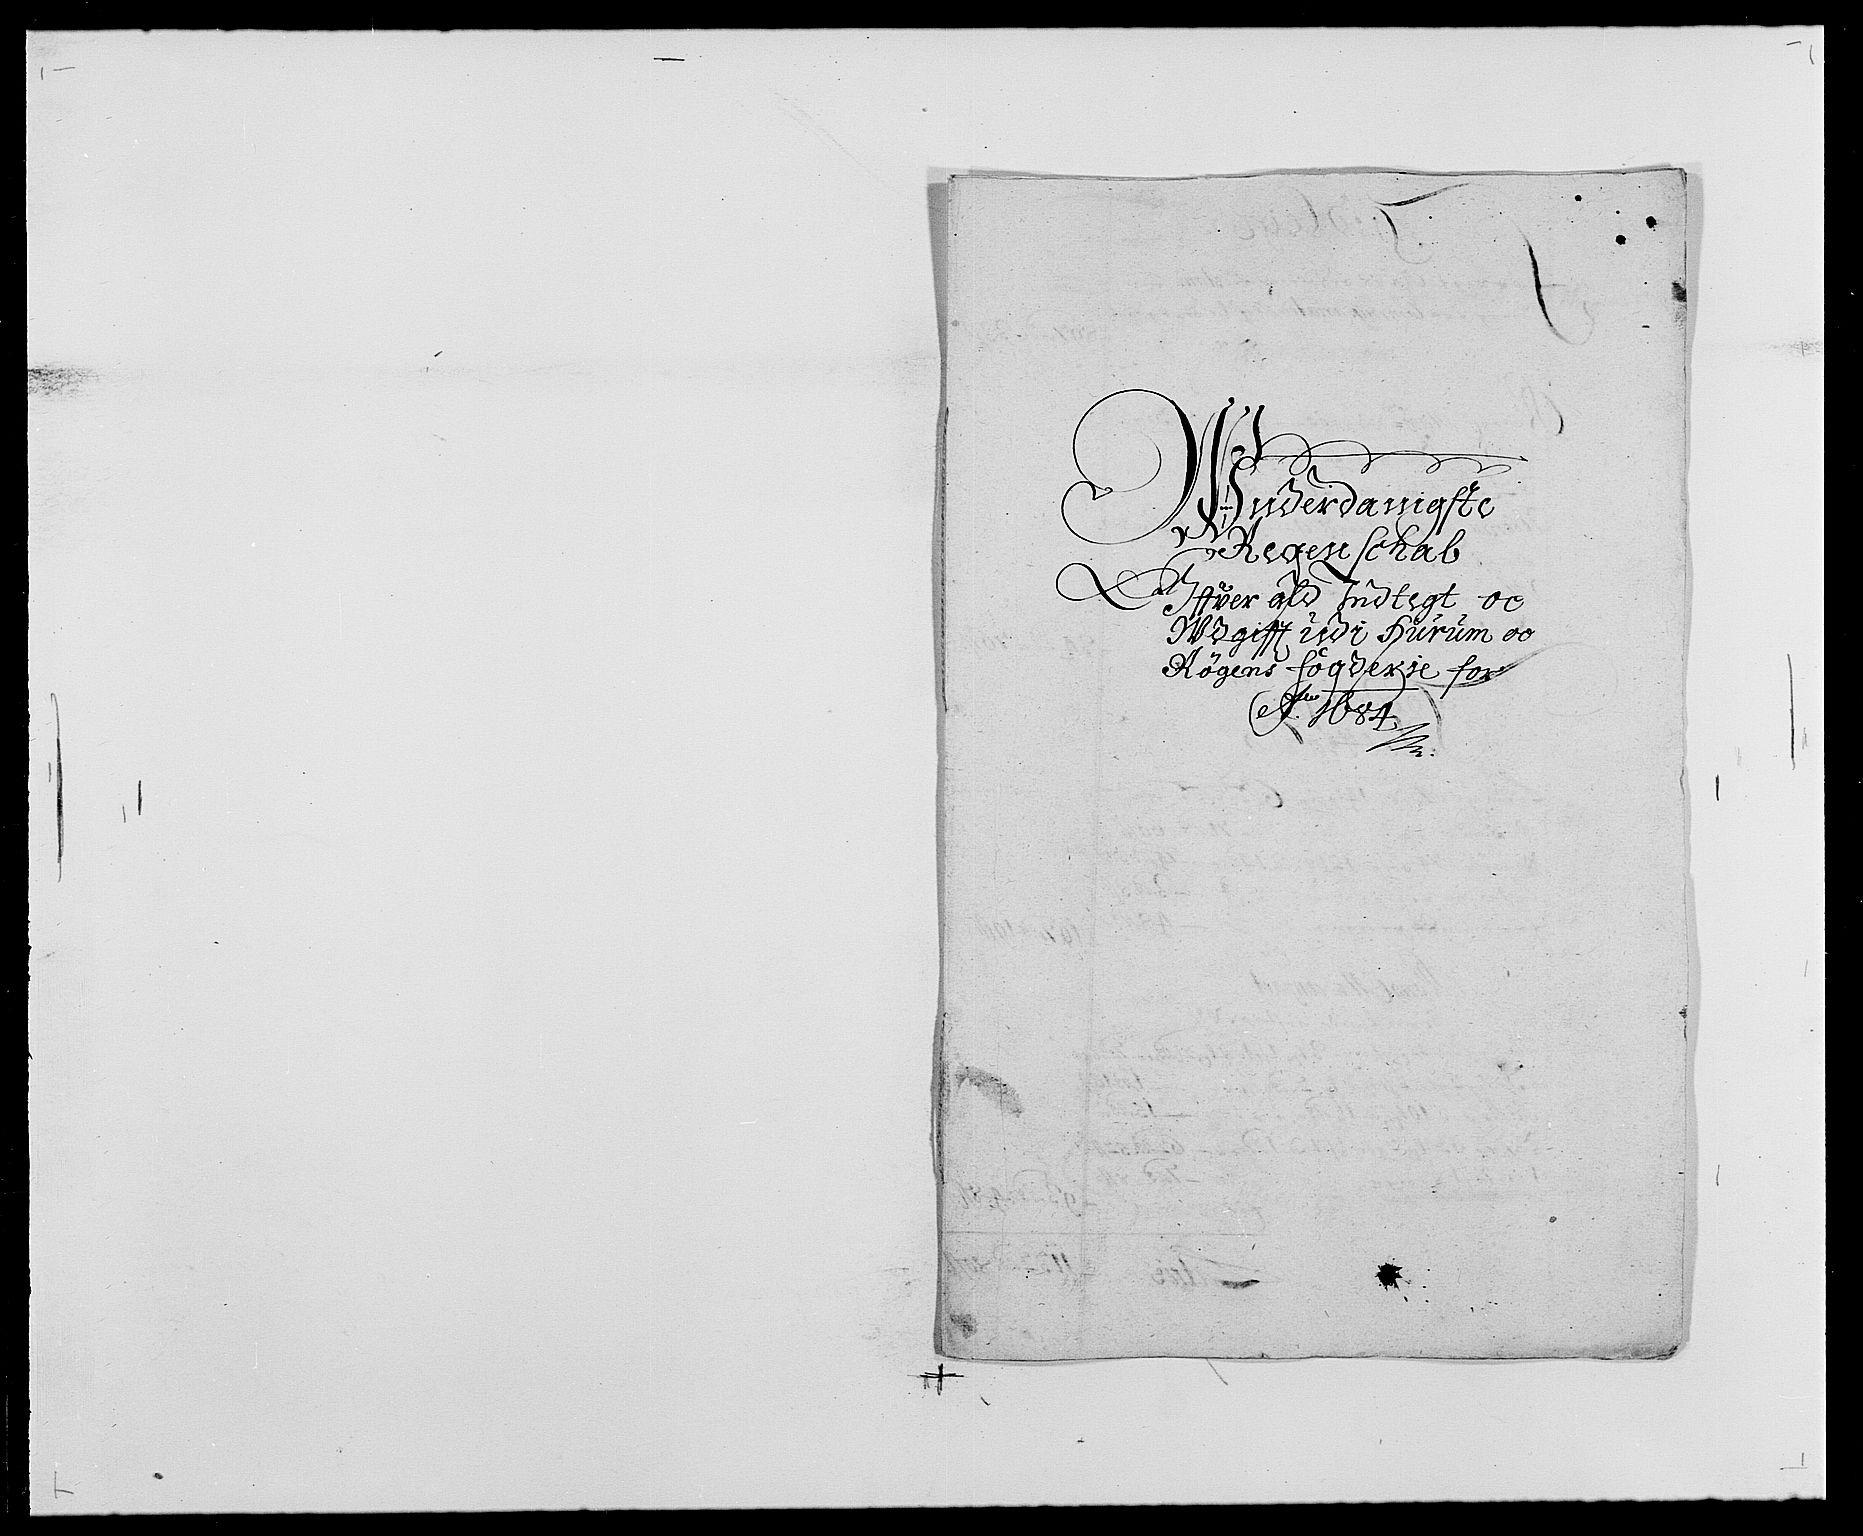 RA, Rentekammeret inntil 1814, Reviderte regnskaper, Fogderegnskap, R29/L1692: Fogderegnskap Hurum og Røyken, 1682-1687, s. 182